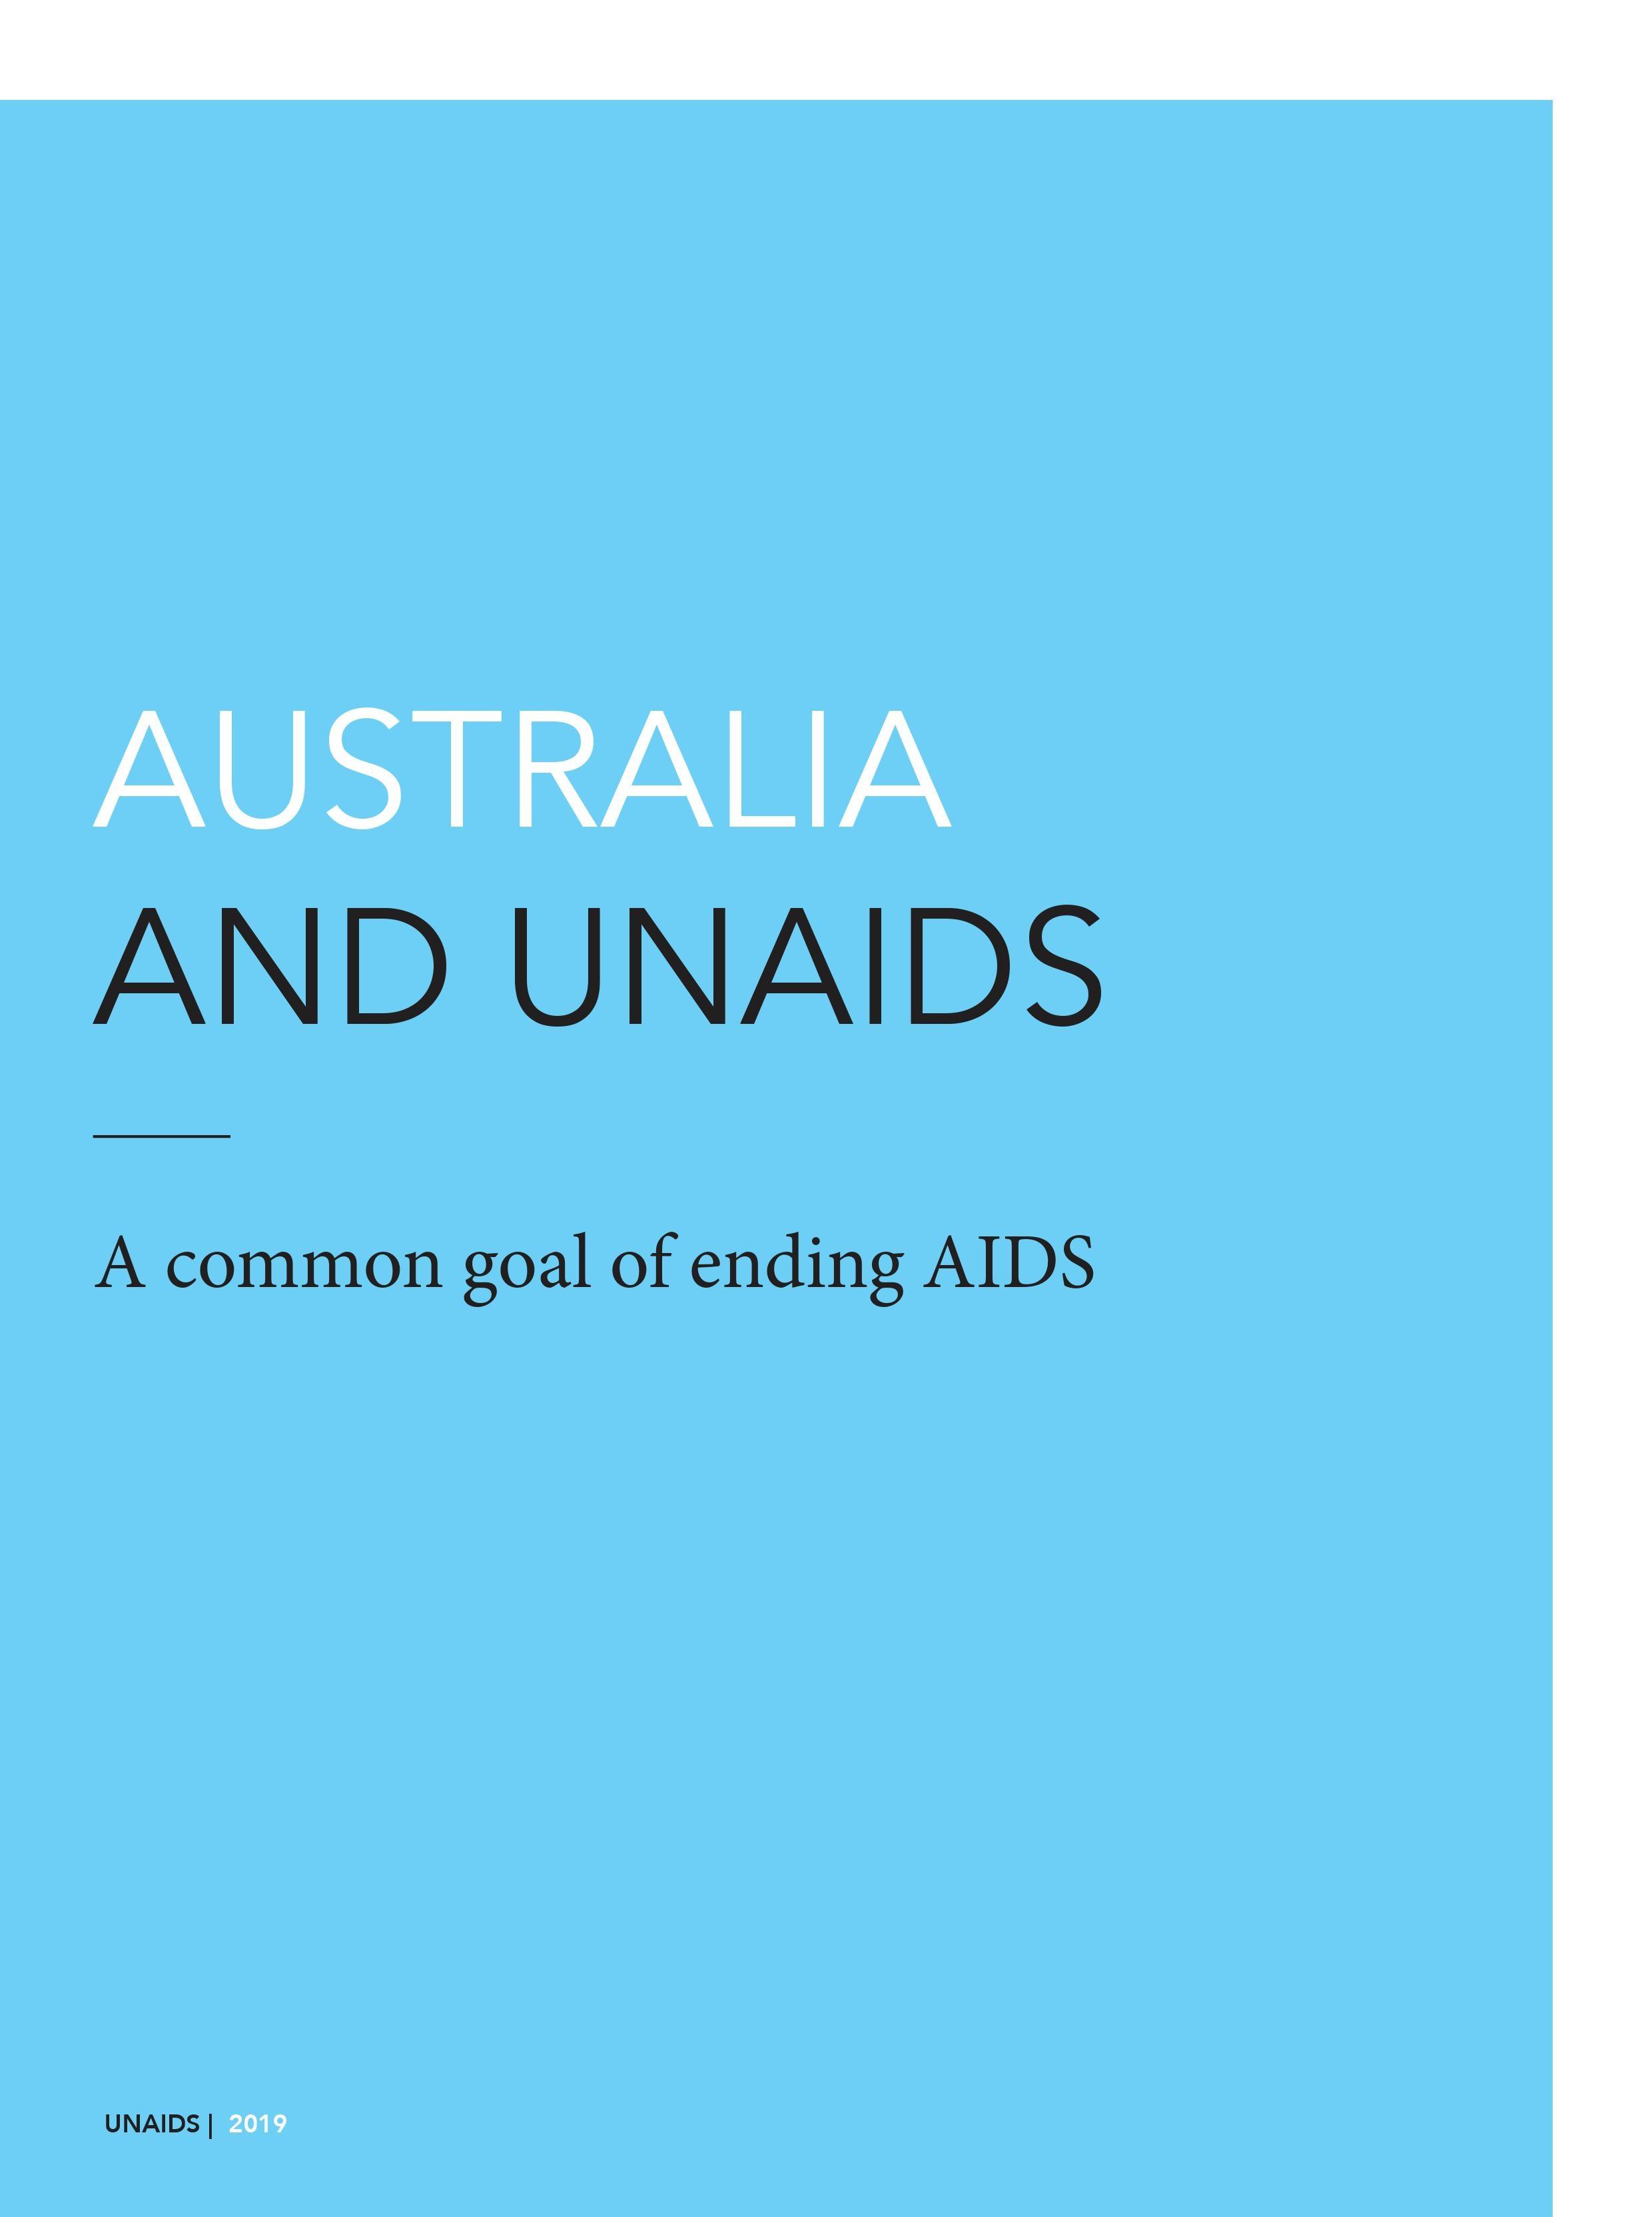 Australia and UNAIDS